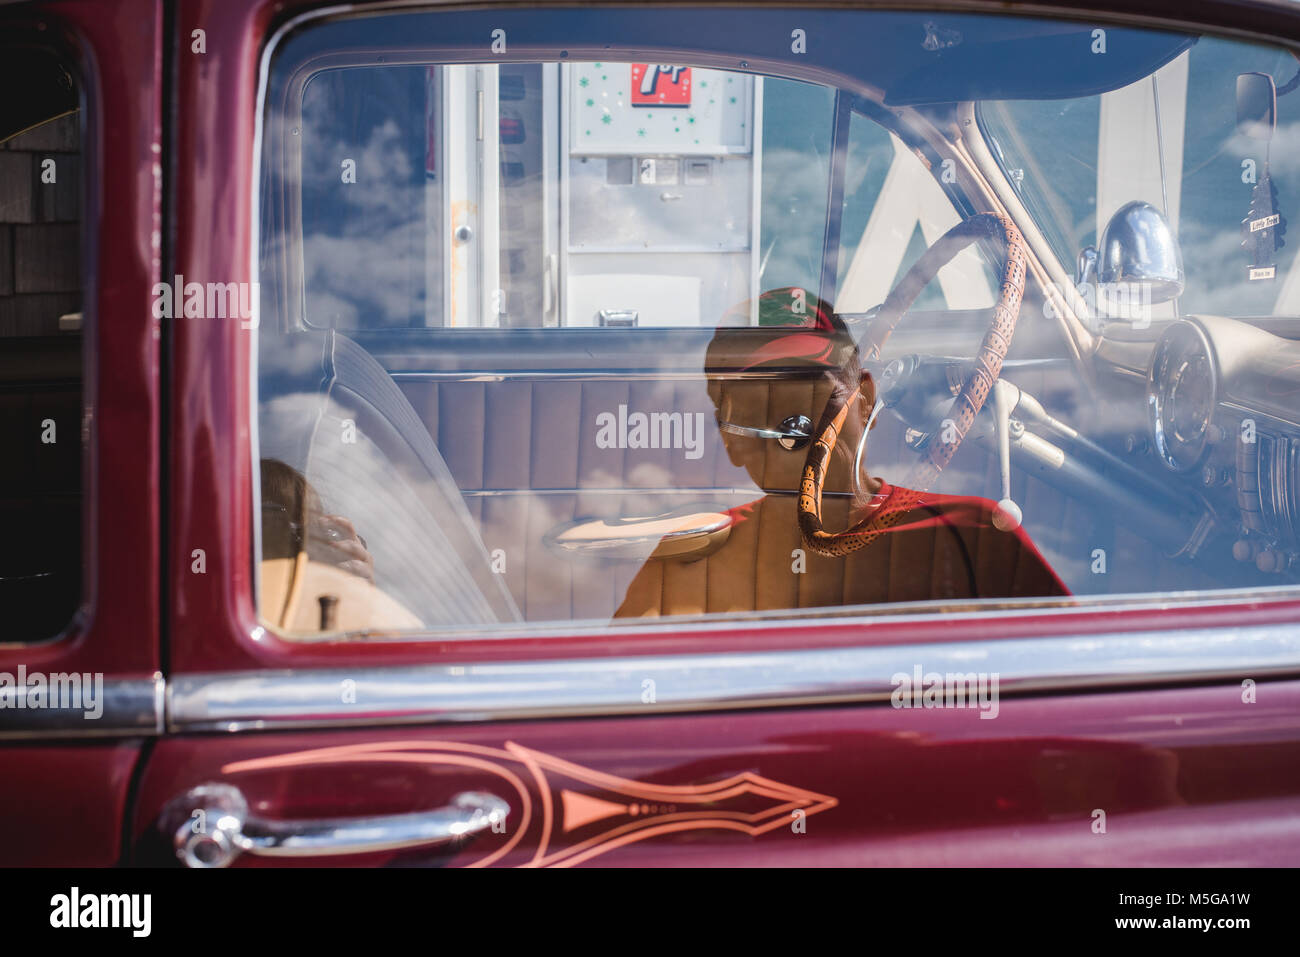 La réflexion d'un homme à la fenêtre d'une voiture Chevrolet vintage. Photo Stock